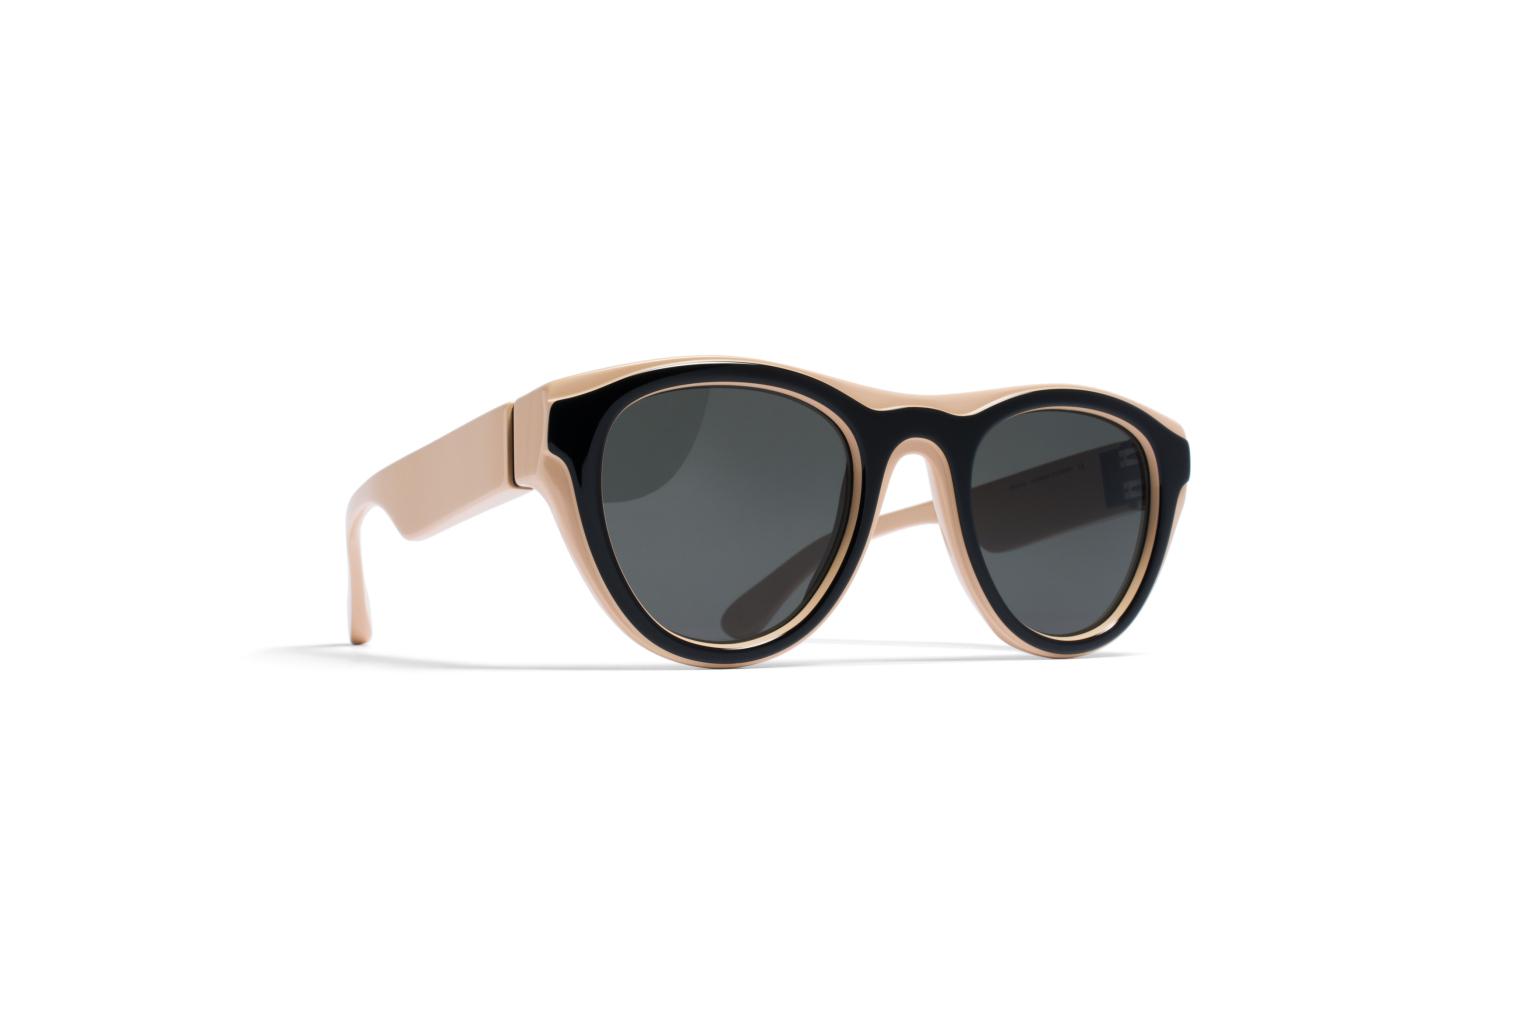 Die Sonnenbrille der Stars - Mykita - Brillen Trends & Themen